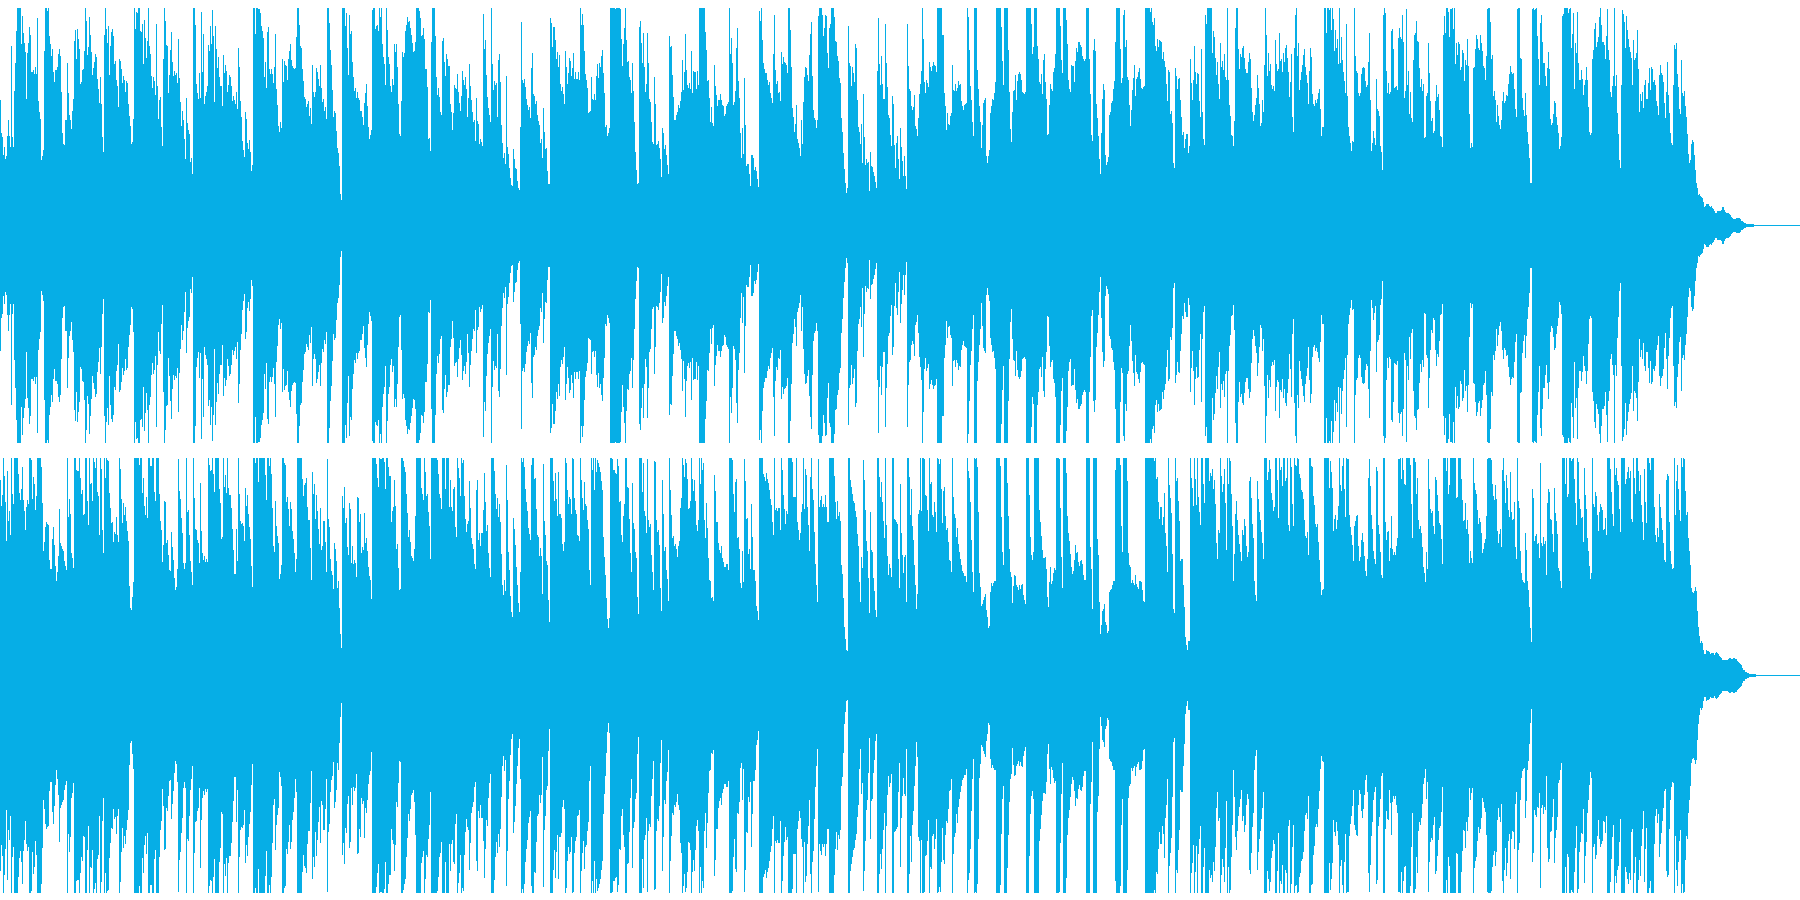 ピアノ、琴、ドゥドゥクでゆったり和な曲の再生済みの波形